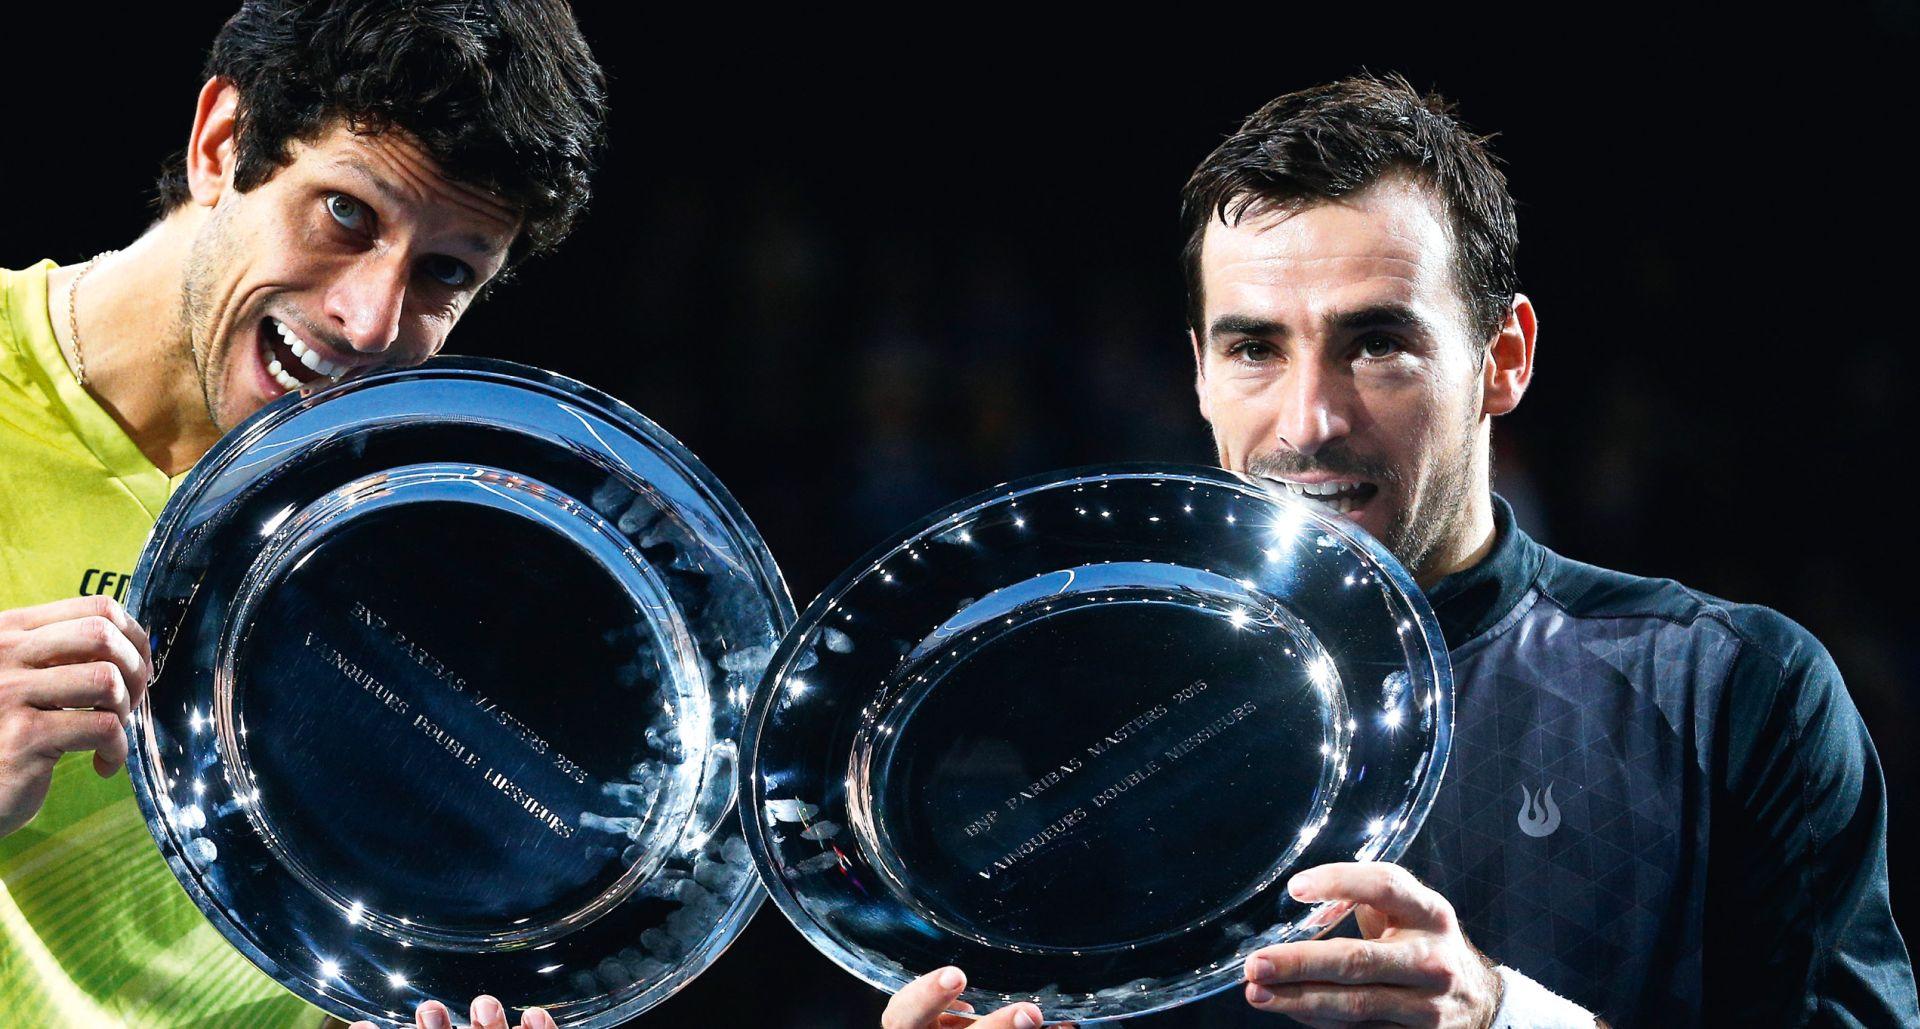 INTERVJU: IVAN DODIG Teniski parovi svugdje u svijetu su popularniji nego u Europi'